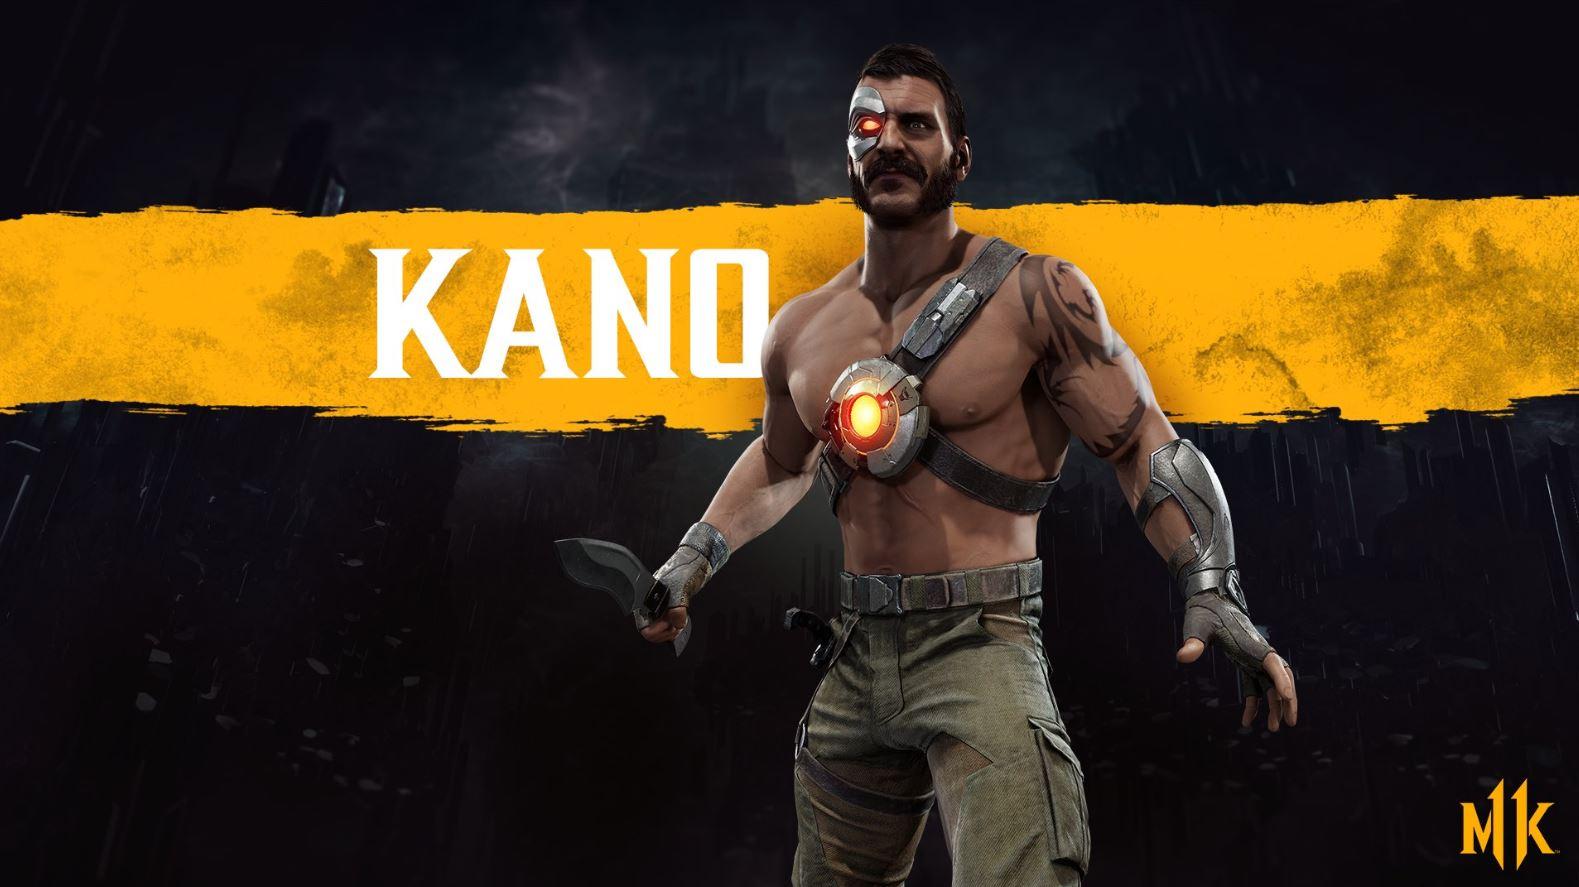 Mortal Kombat 11 Kano Render